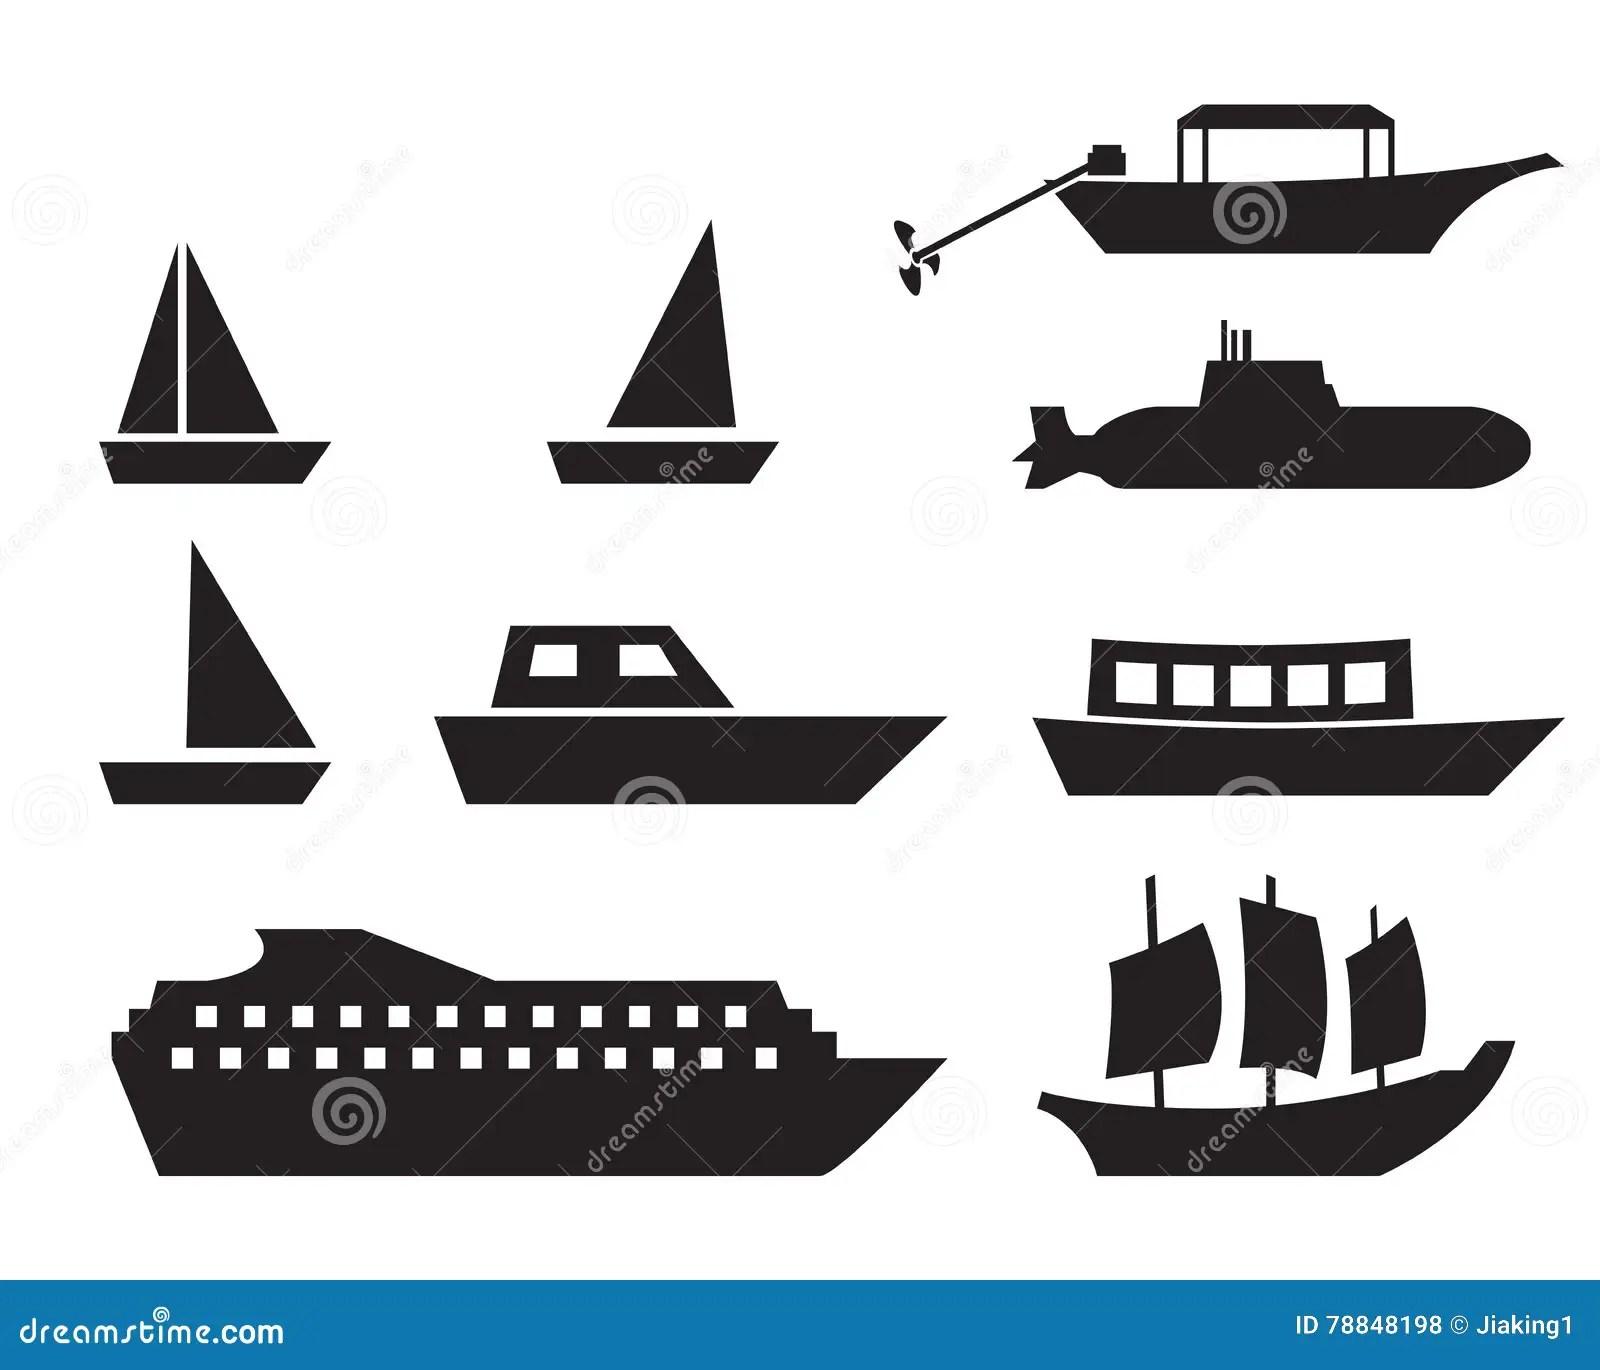 Icones De Bateau Et De Bateau Dans Le Style Simple